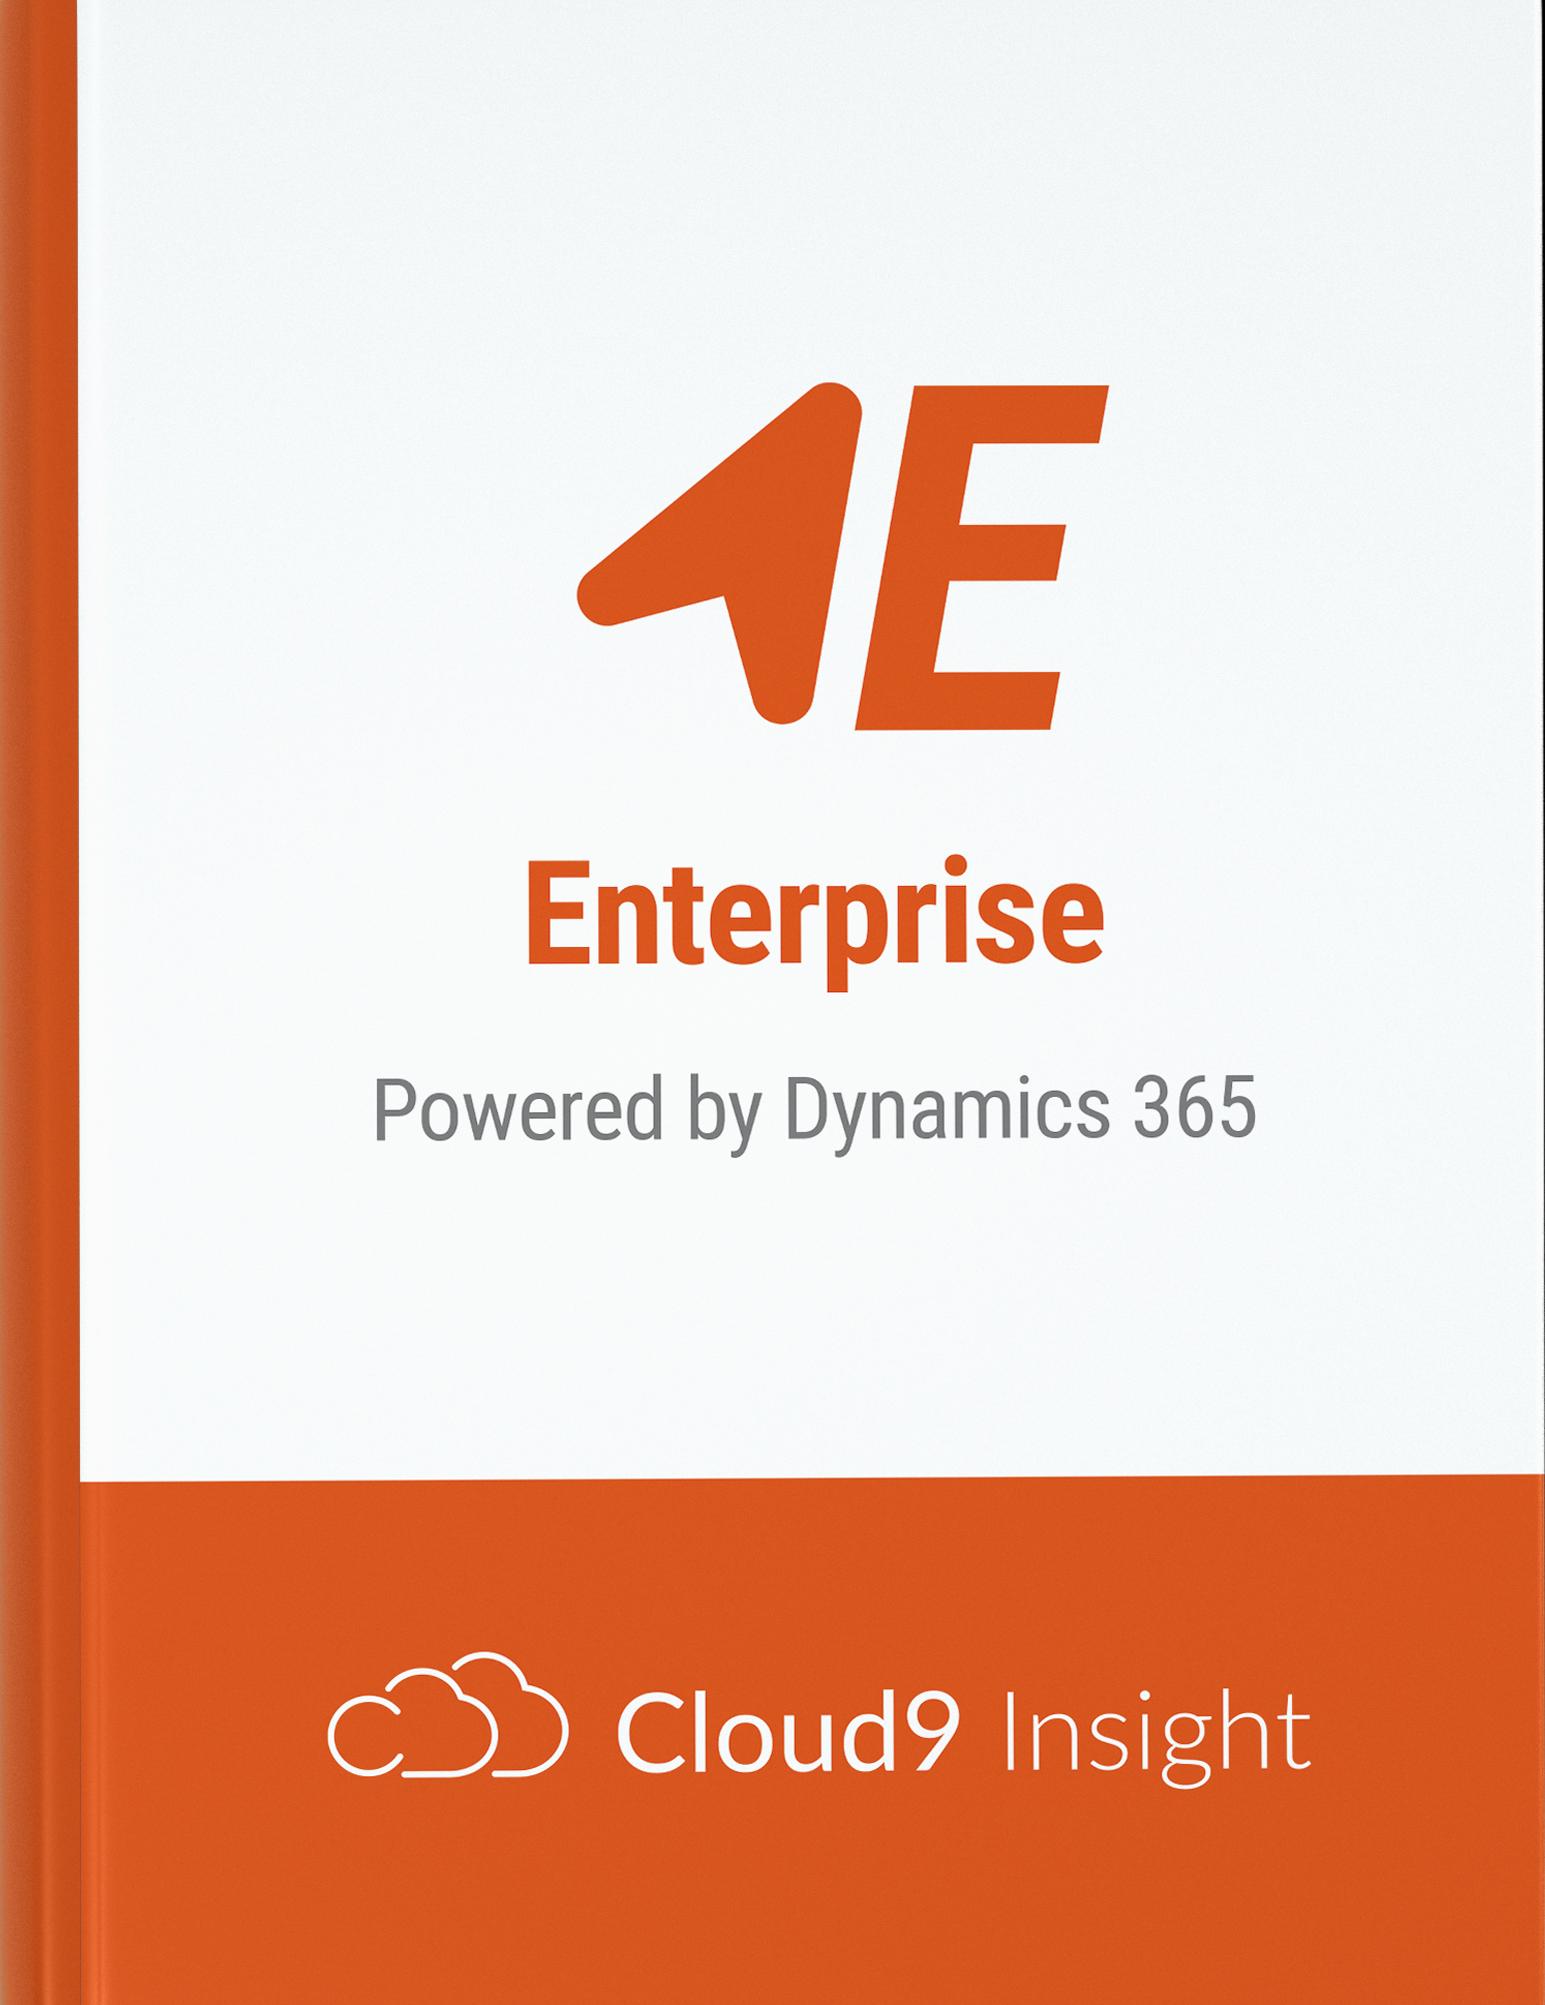 Enterprise-Guide-Cloud9Insight-